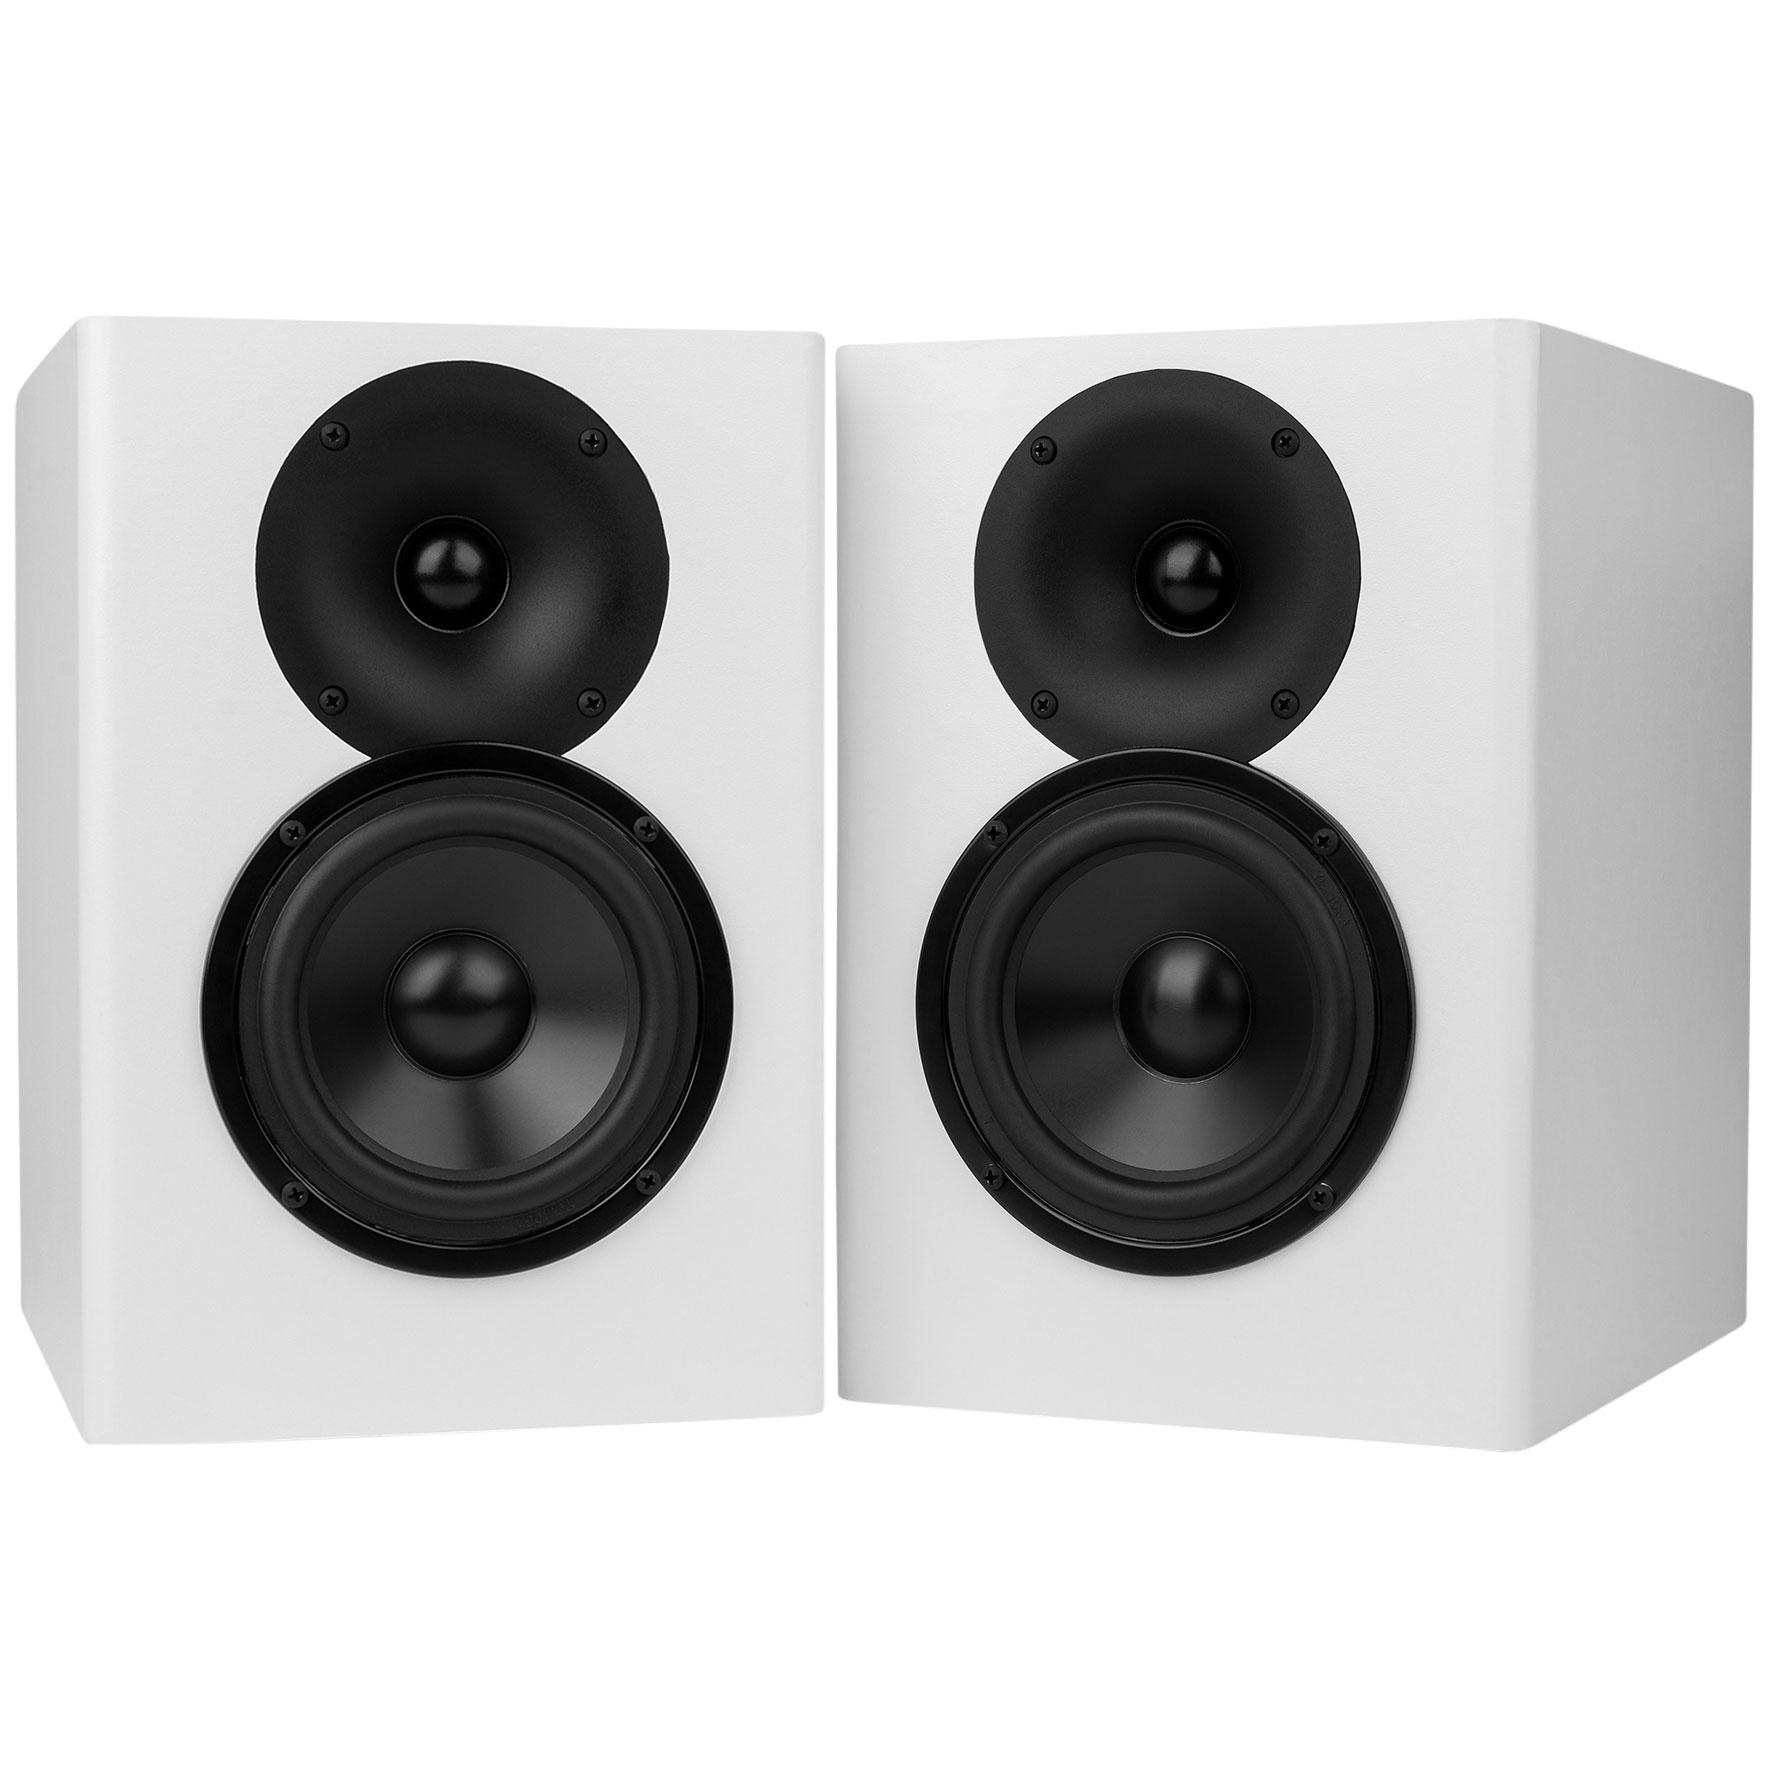 Subwoofer Speaker Kit